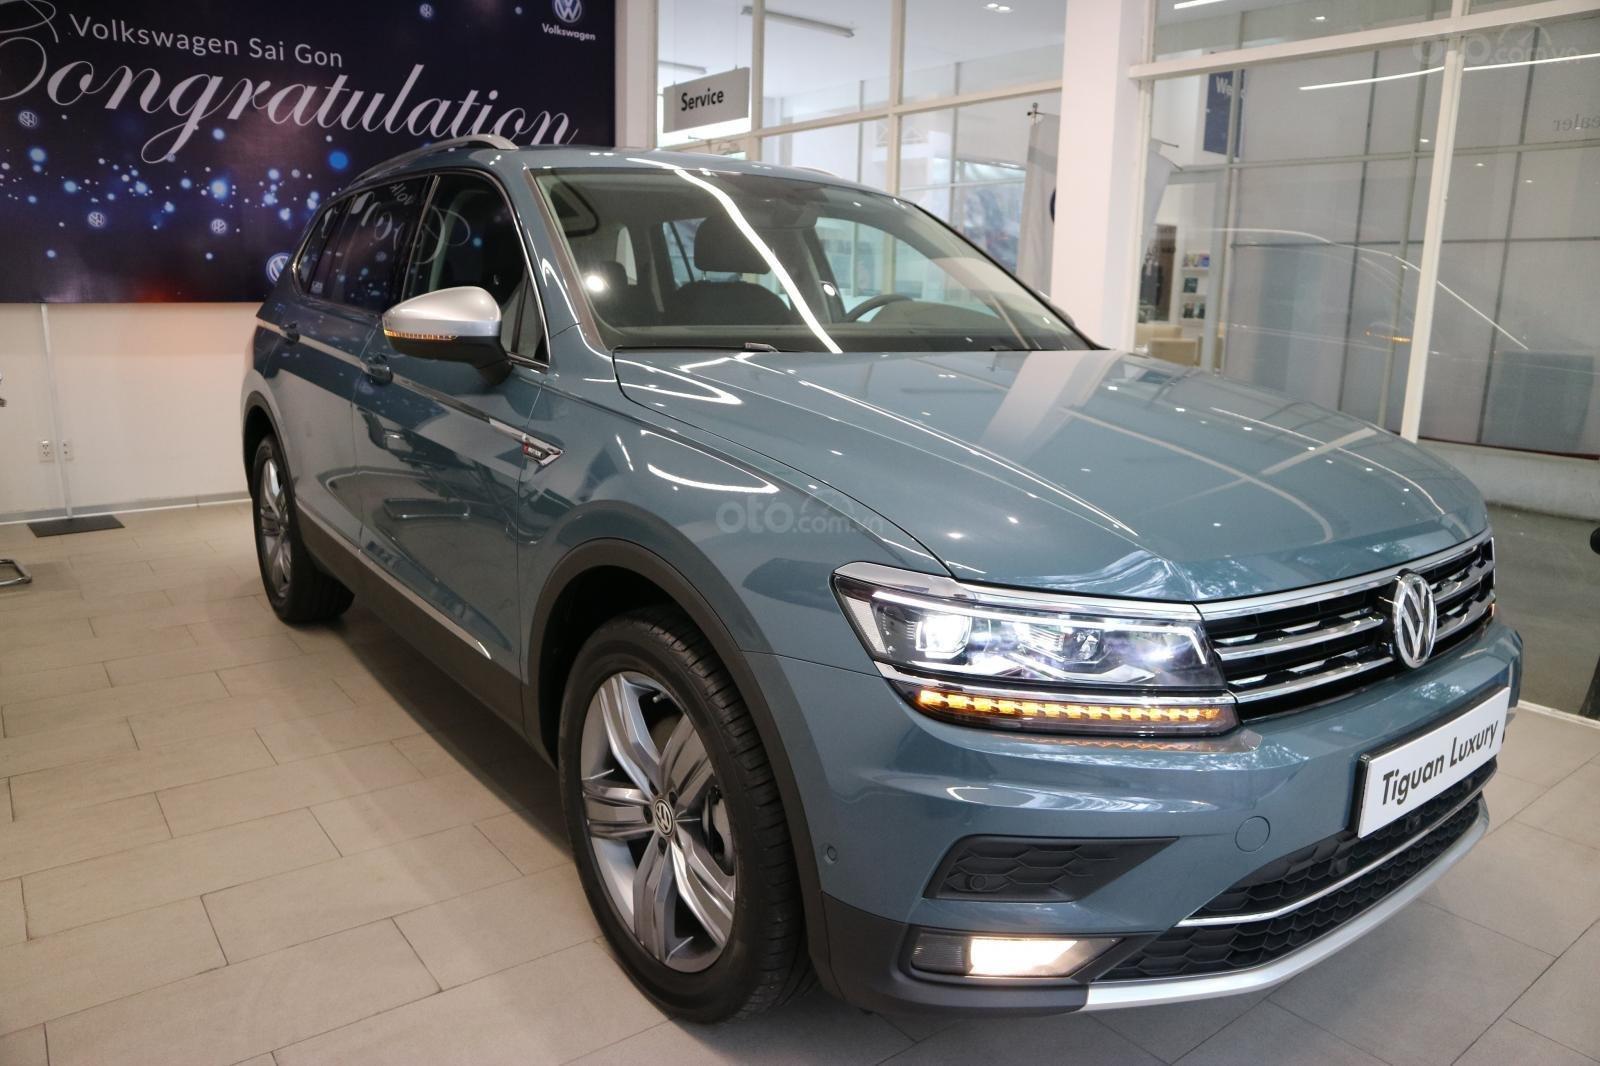 Xe SUV nhập khẩu 7 chỗ dành cho gia đình - VW Tiguan Luxury, màu xanh độc lạ - xe nhập - giảm 120tr (2)